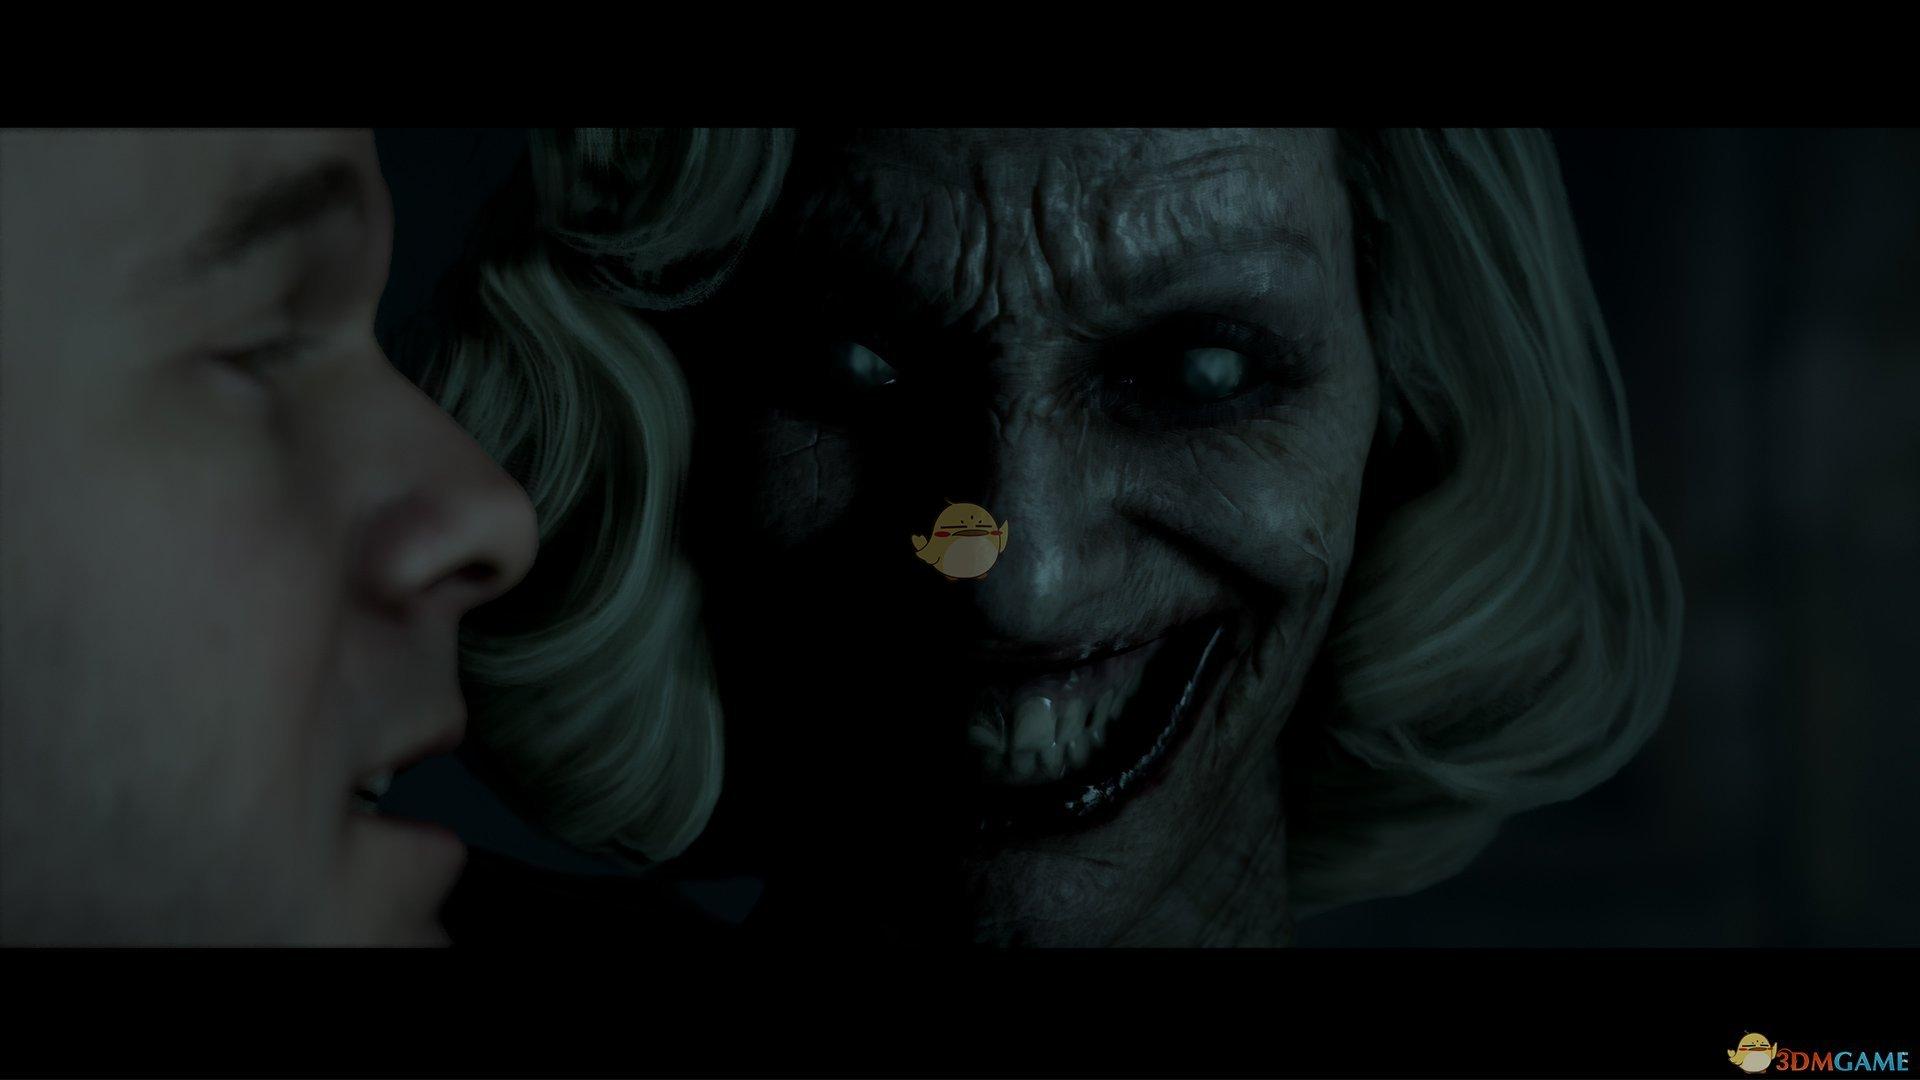 《黑相集:棉兰号》好玩吗 游戏特色玩法推荐